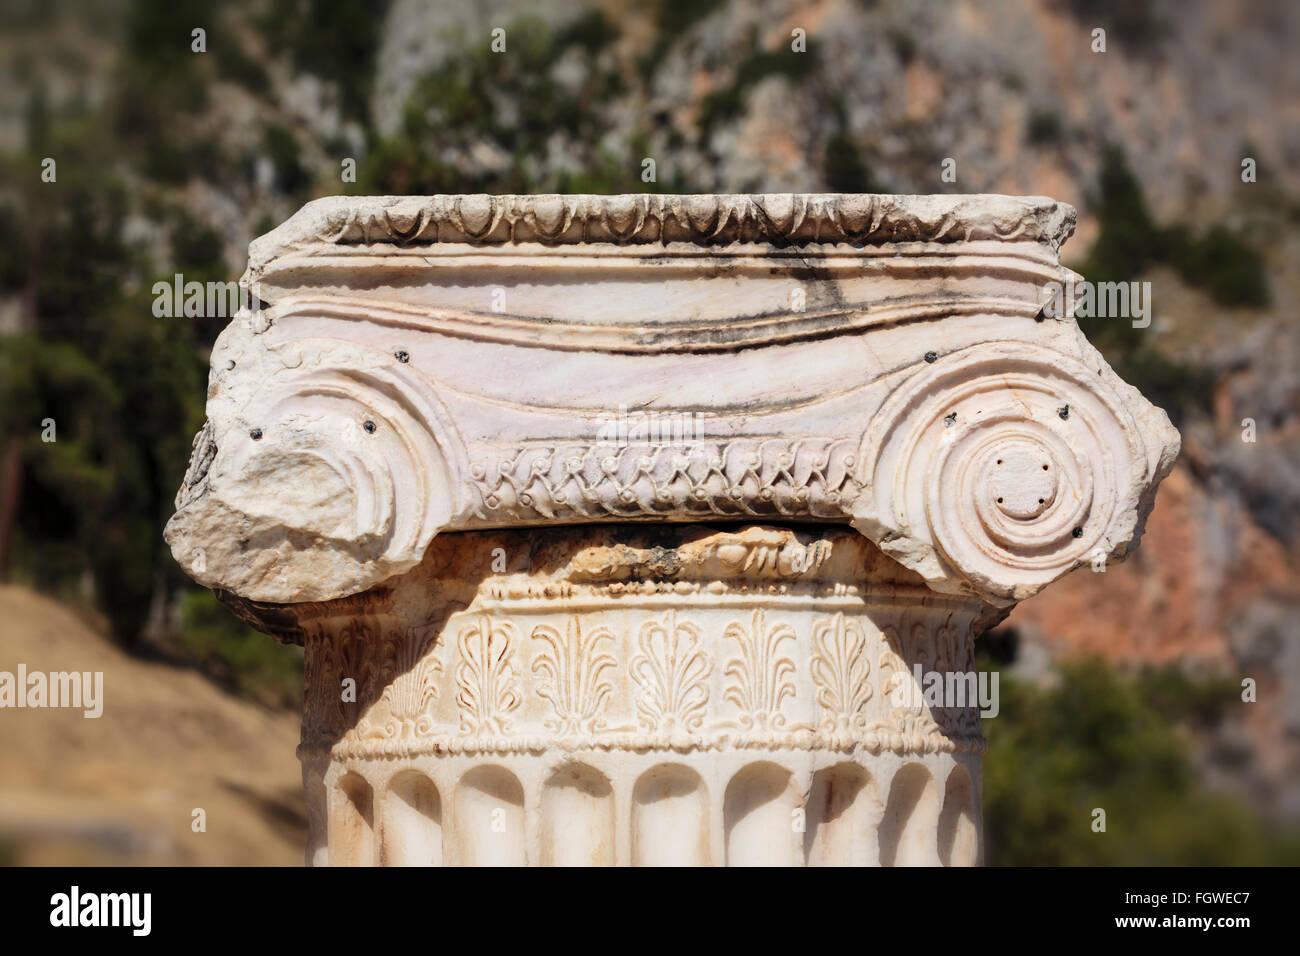 Antica Delphi, Phocis, Grecia. Colonna spezzata sulla Via Sacra coronata dal capitello corinzio Immagini Stock